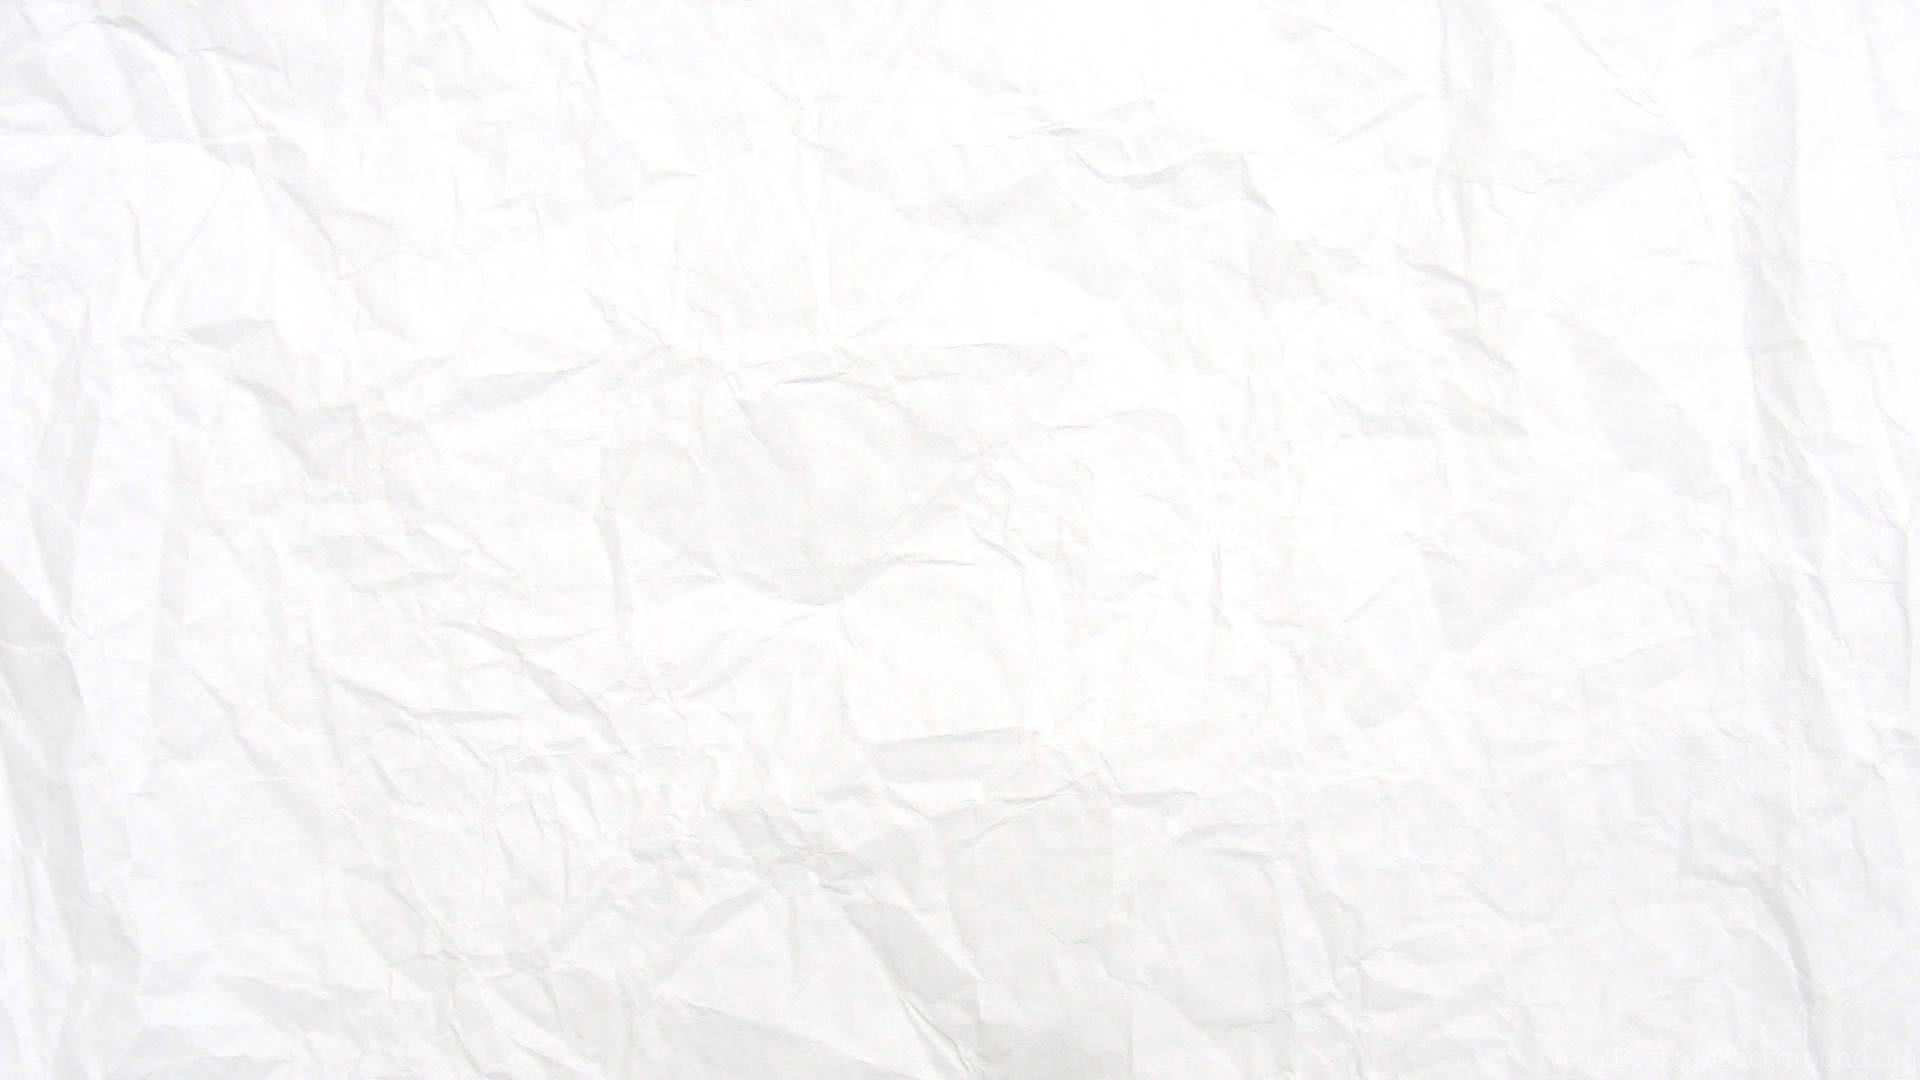 Plain White Wallpapers Full Hd Desktop Background